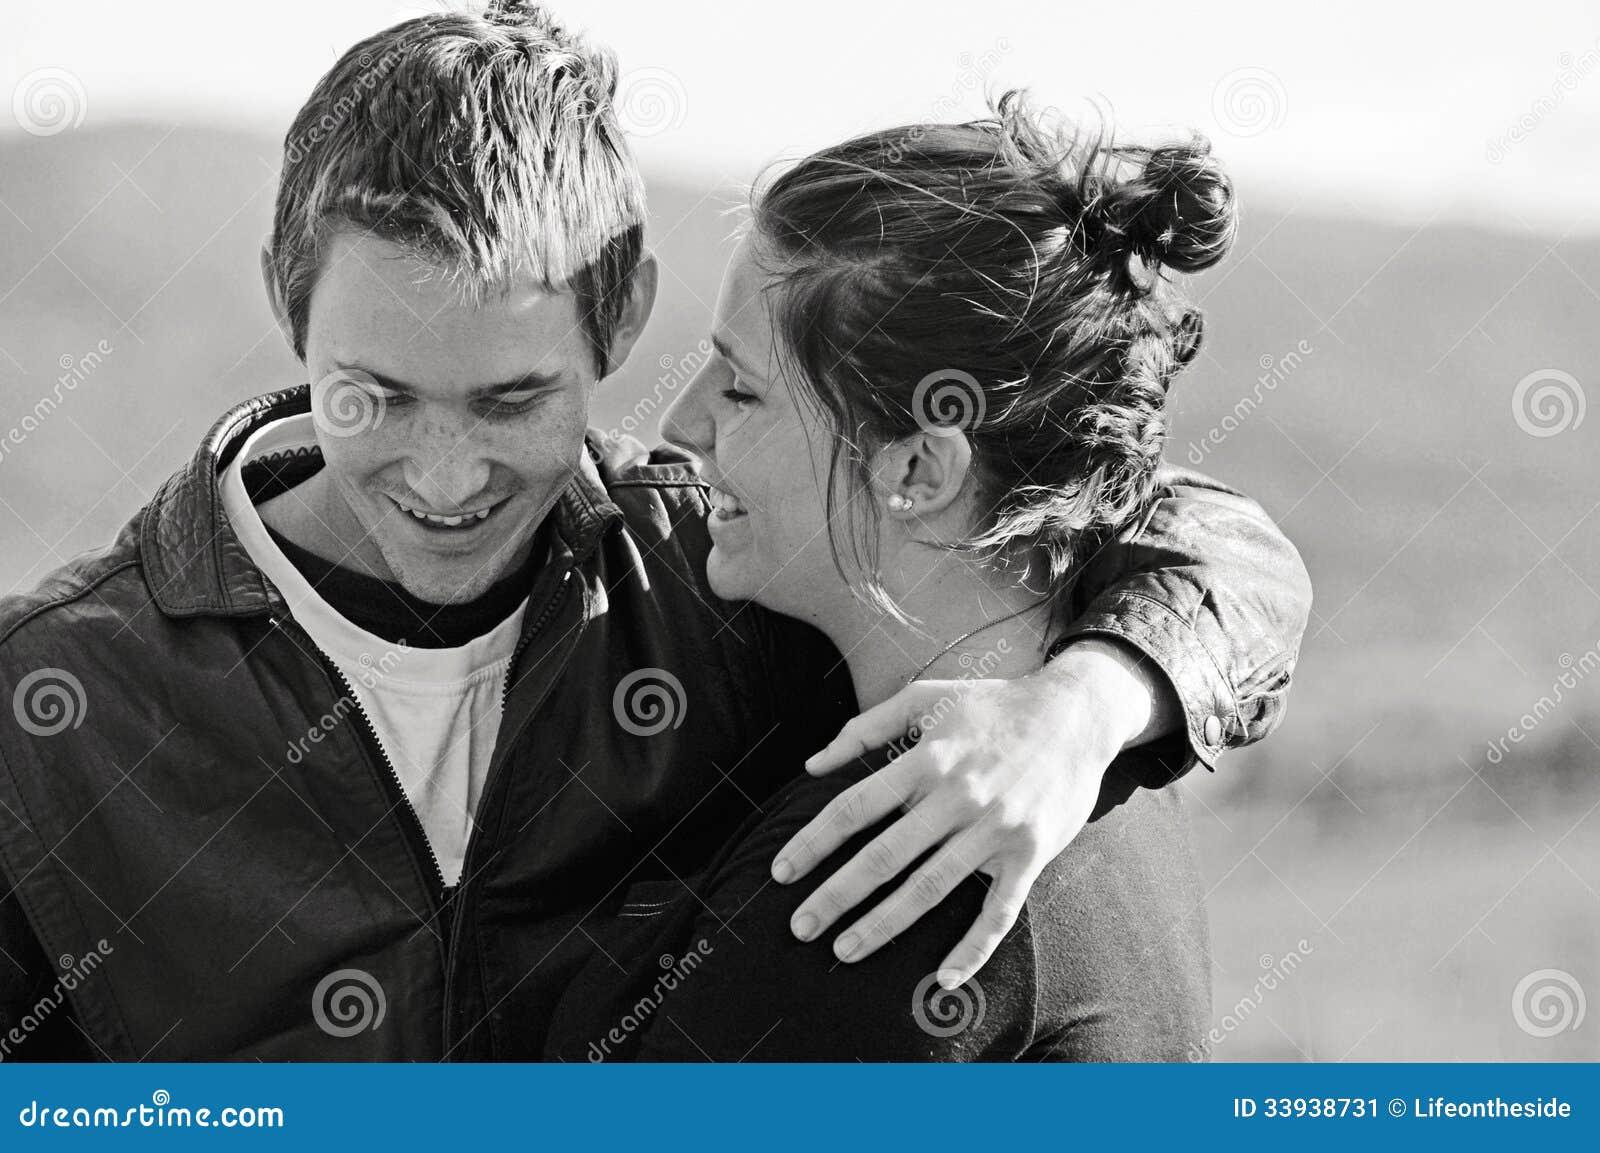 Erste süße Liebe, Sitzung von Seelenfreunden